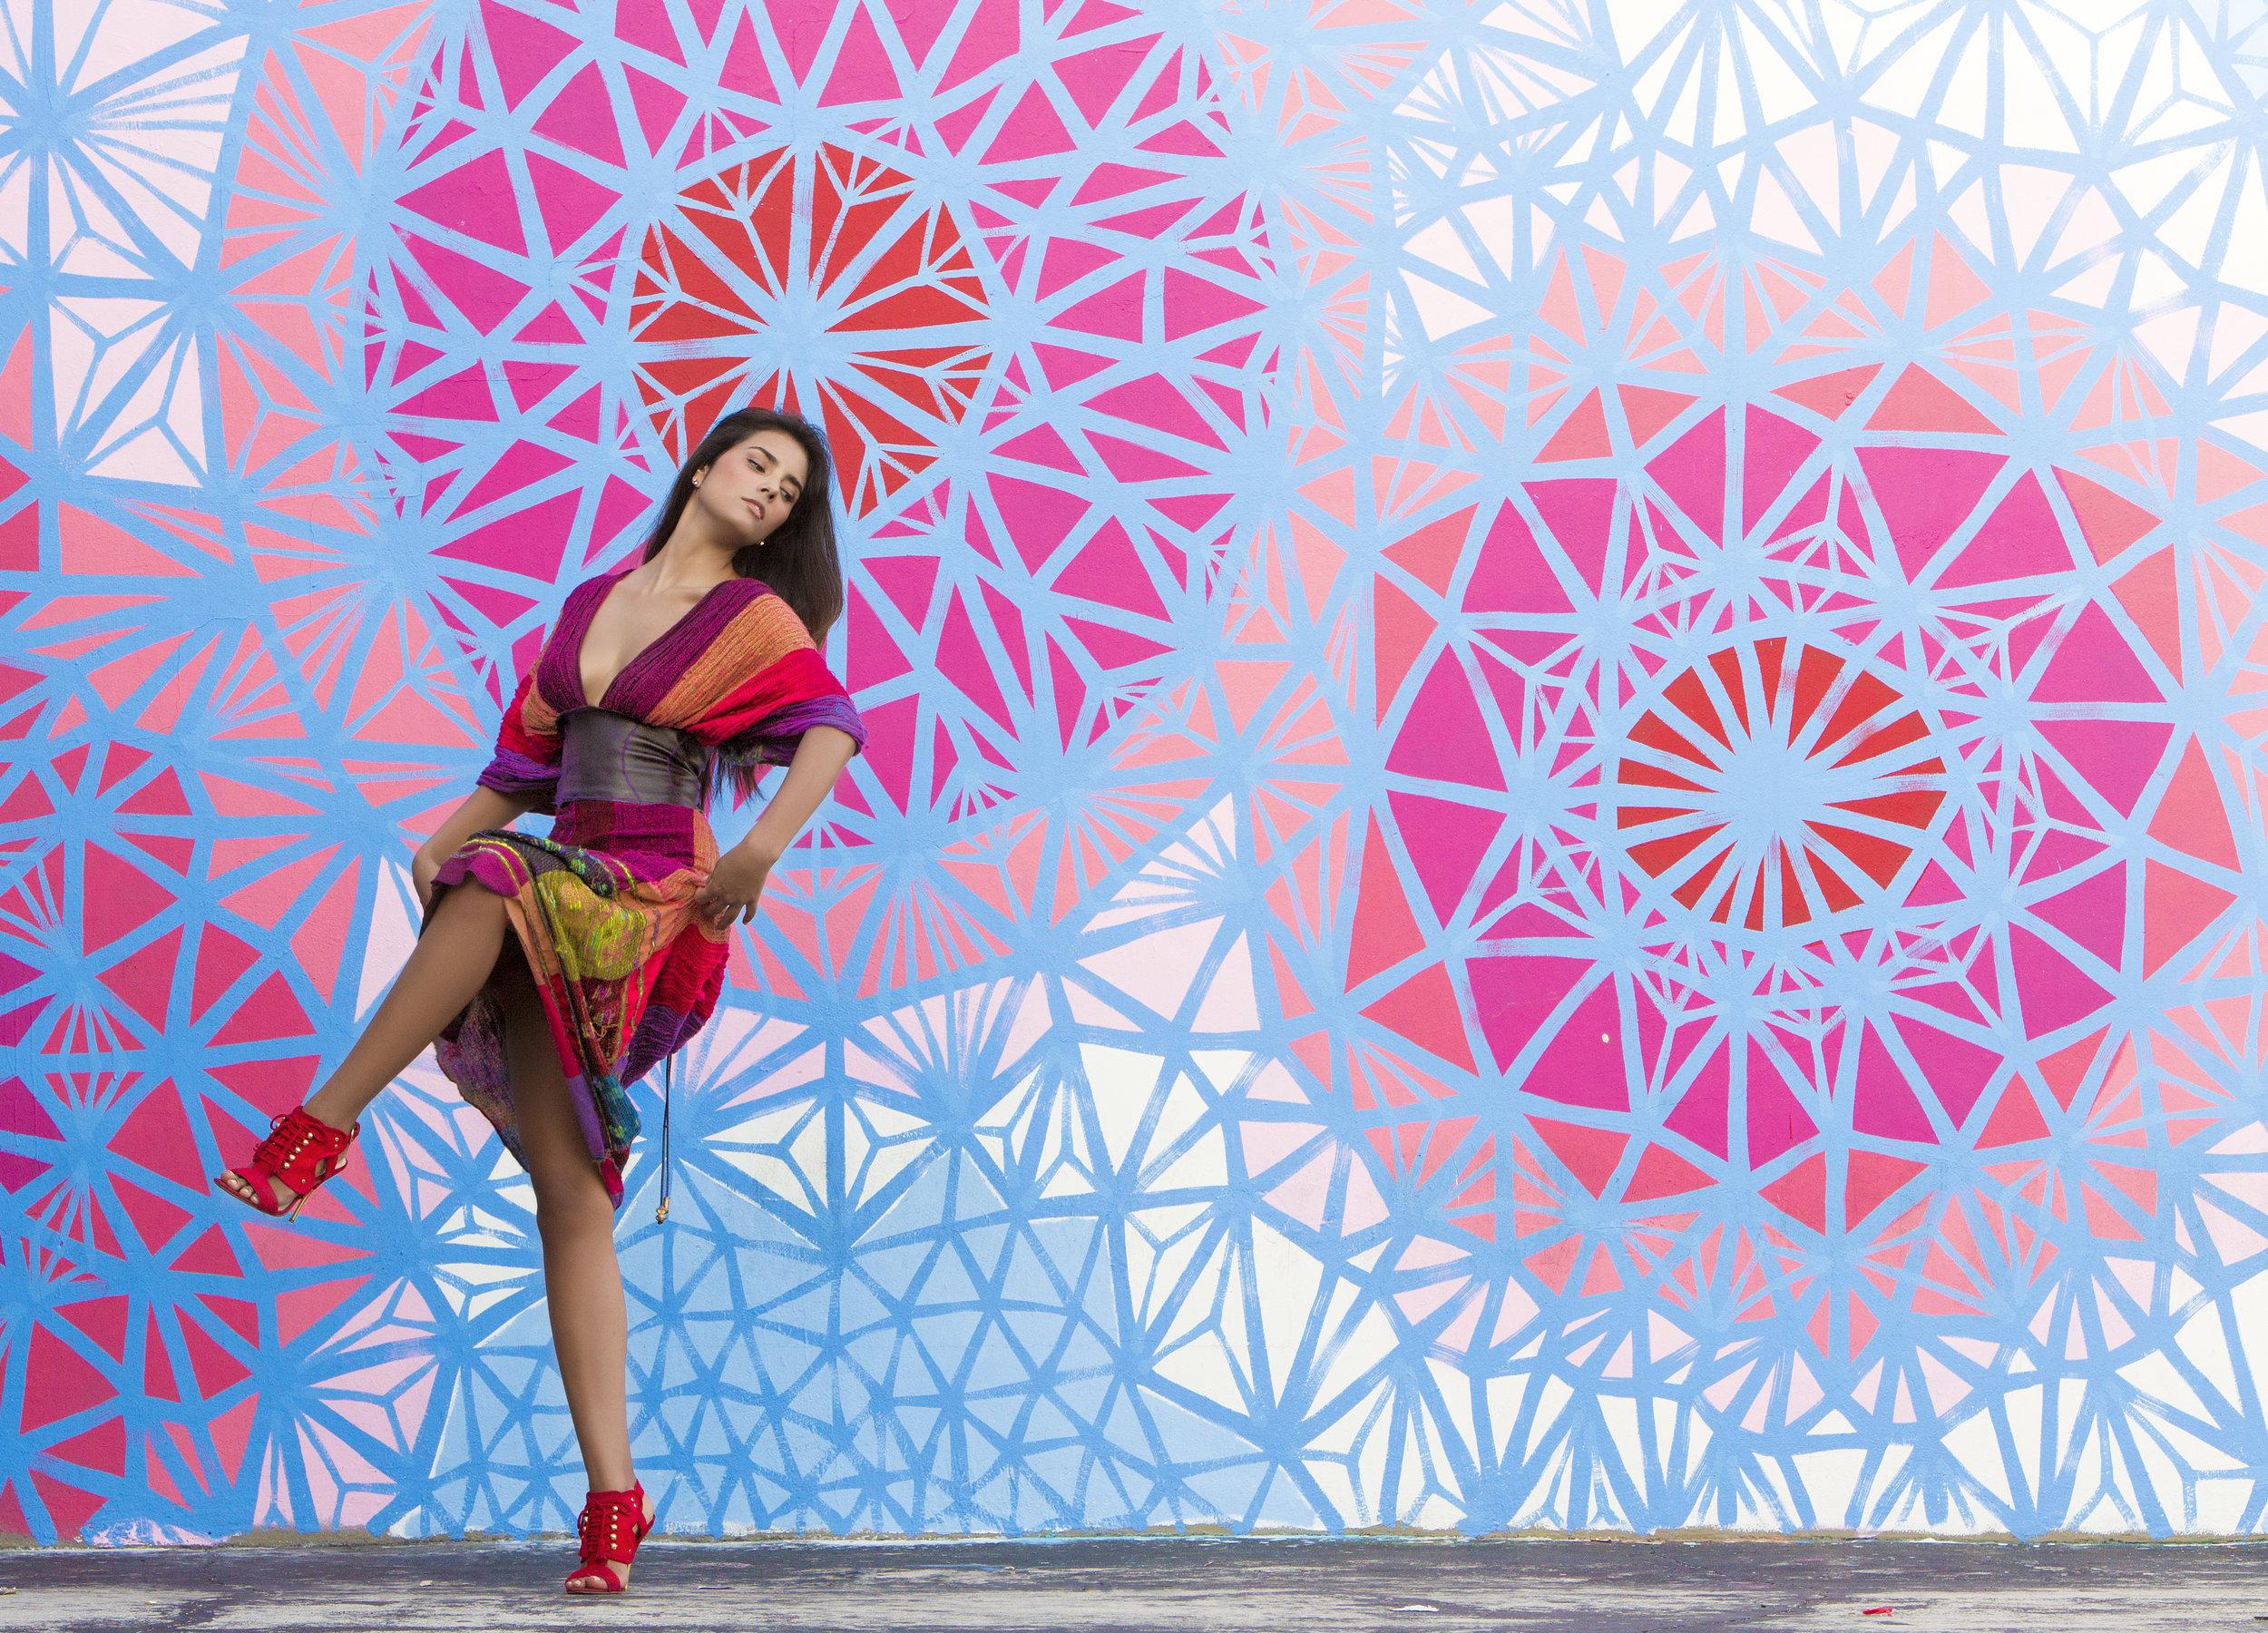 wynwood+walls+fashion+photography